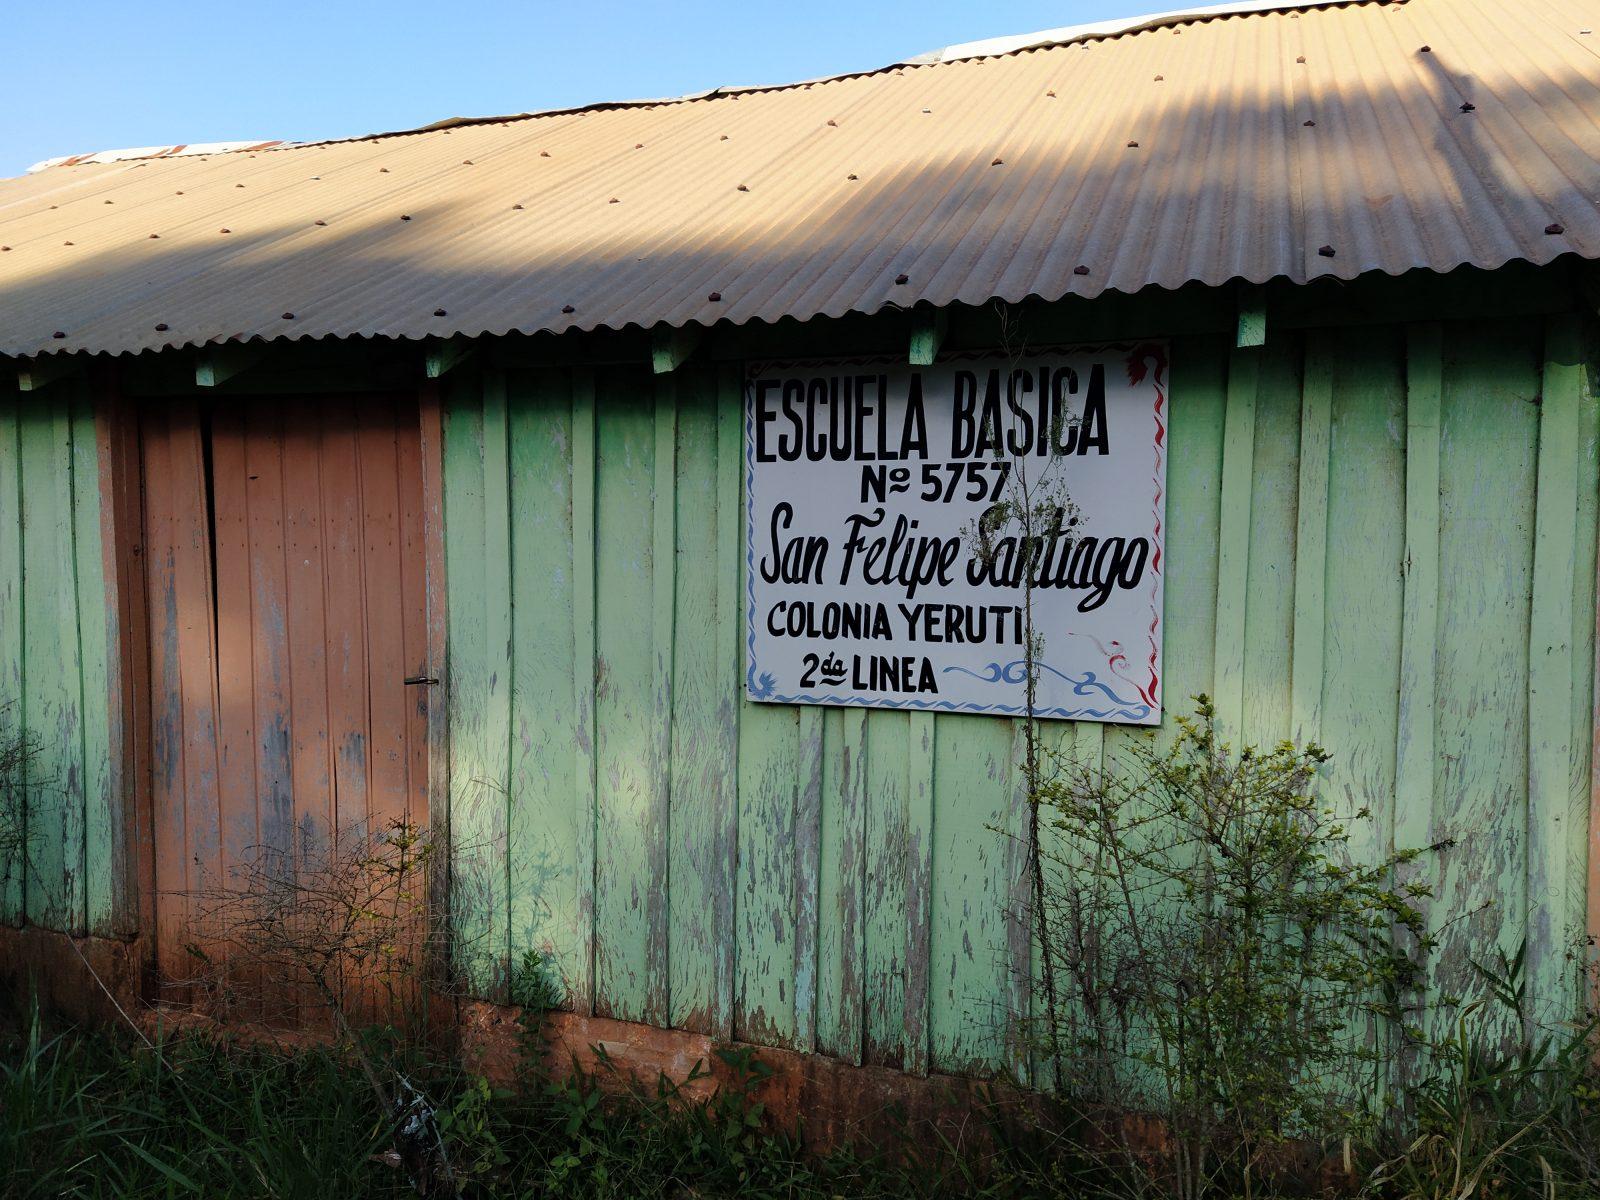 Escuela San Felipe y Santiago de Colonia Yeruti.